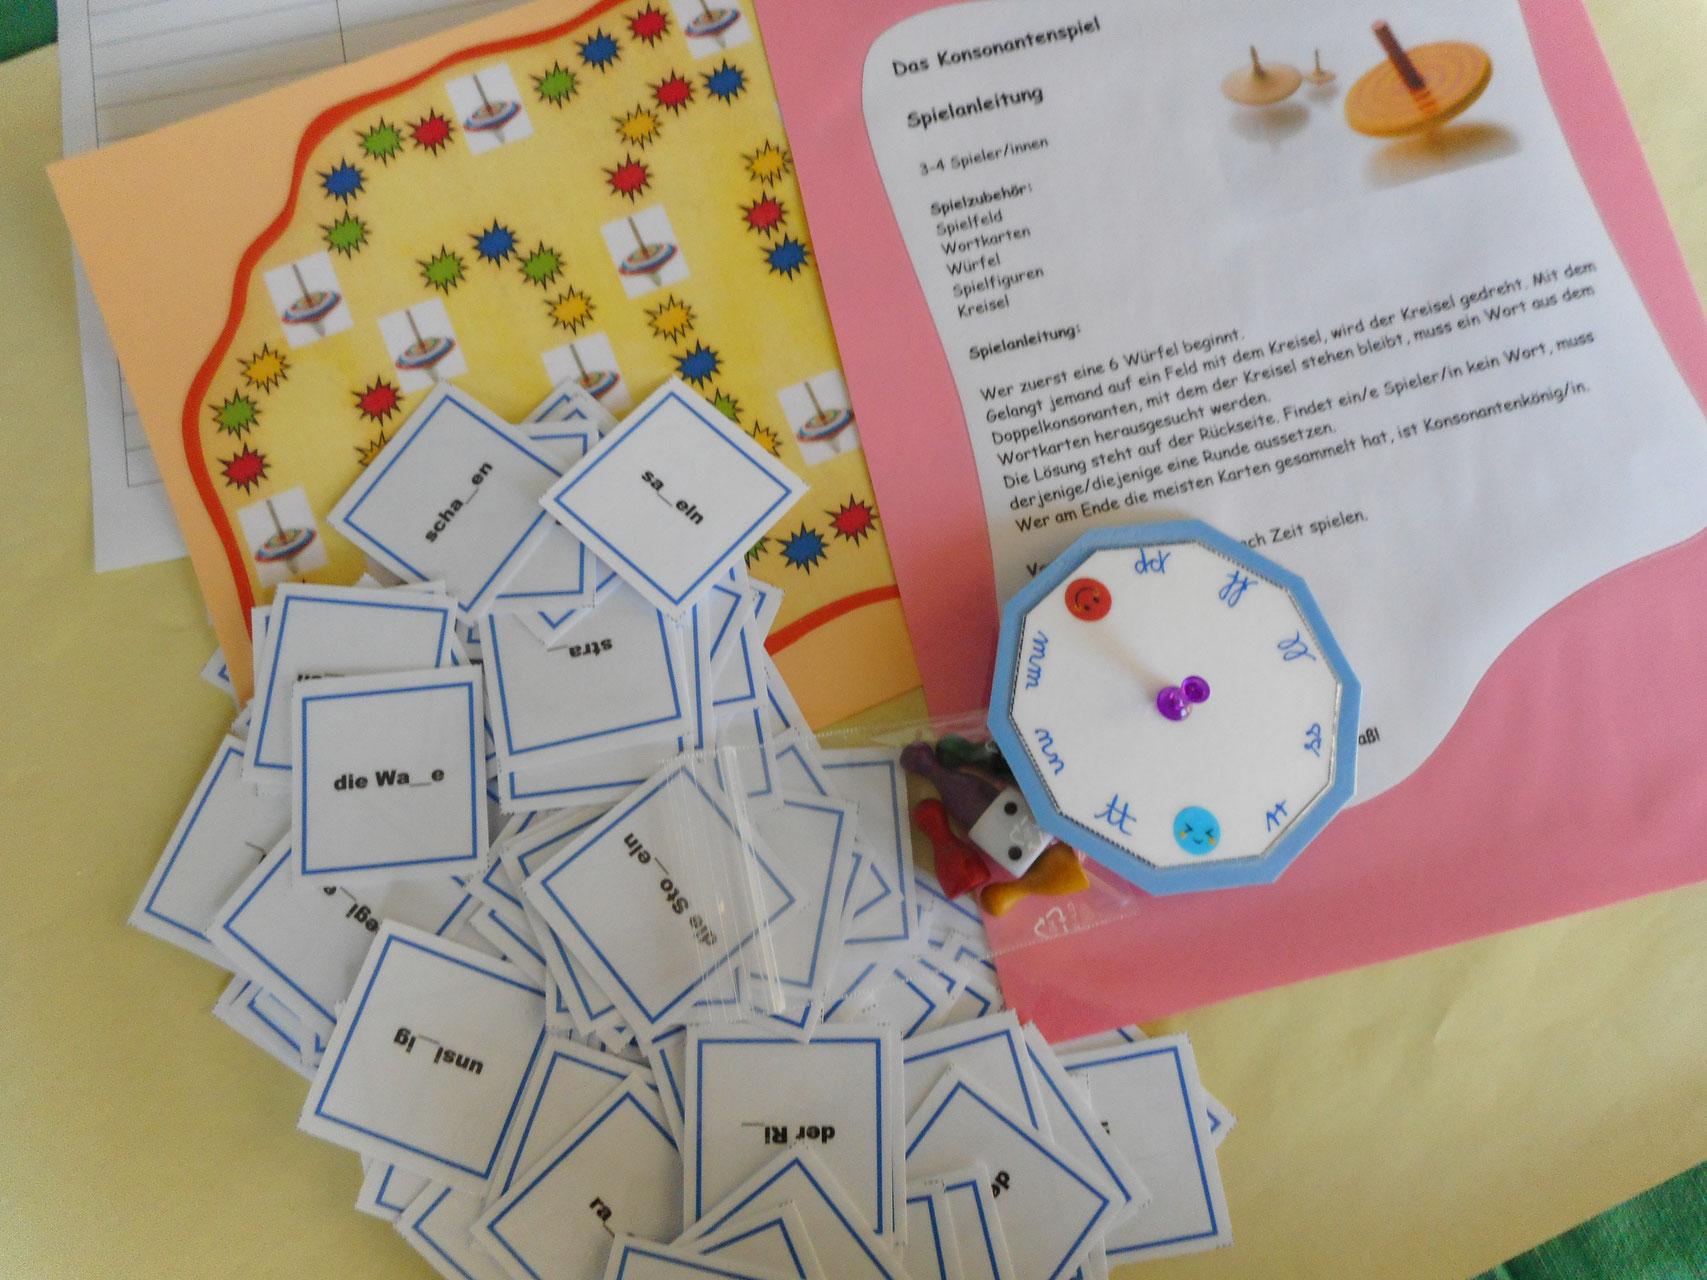 Spiele im Deutschunterricht - Unterrichtsmaterialien für Sekundarstufe 1